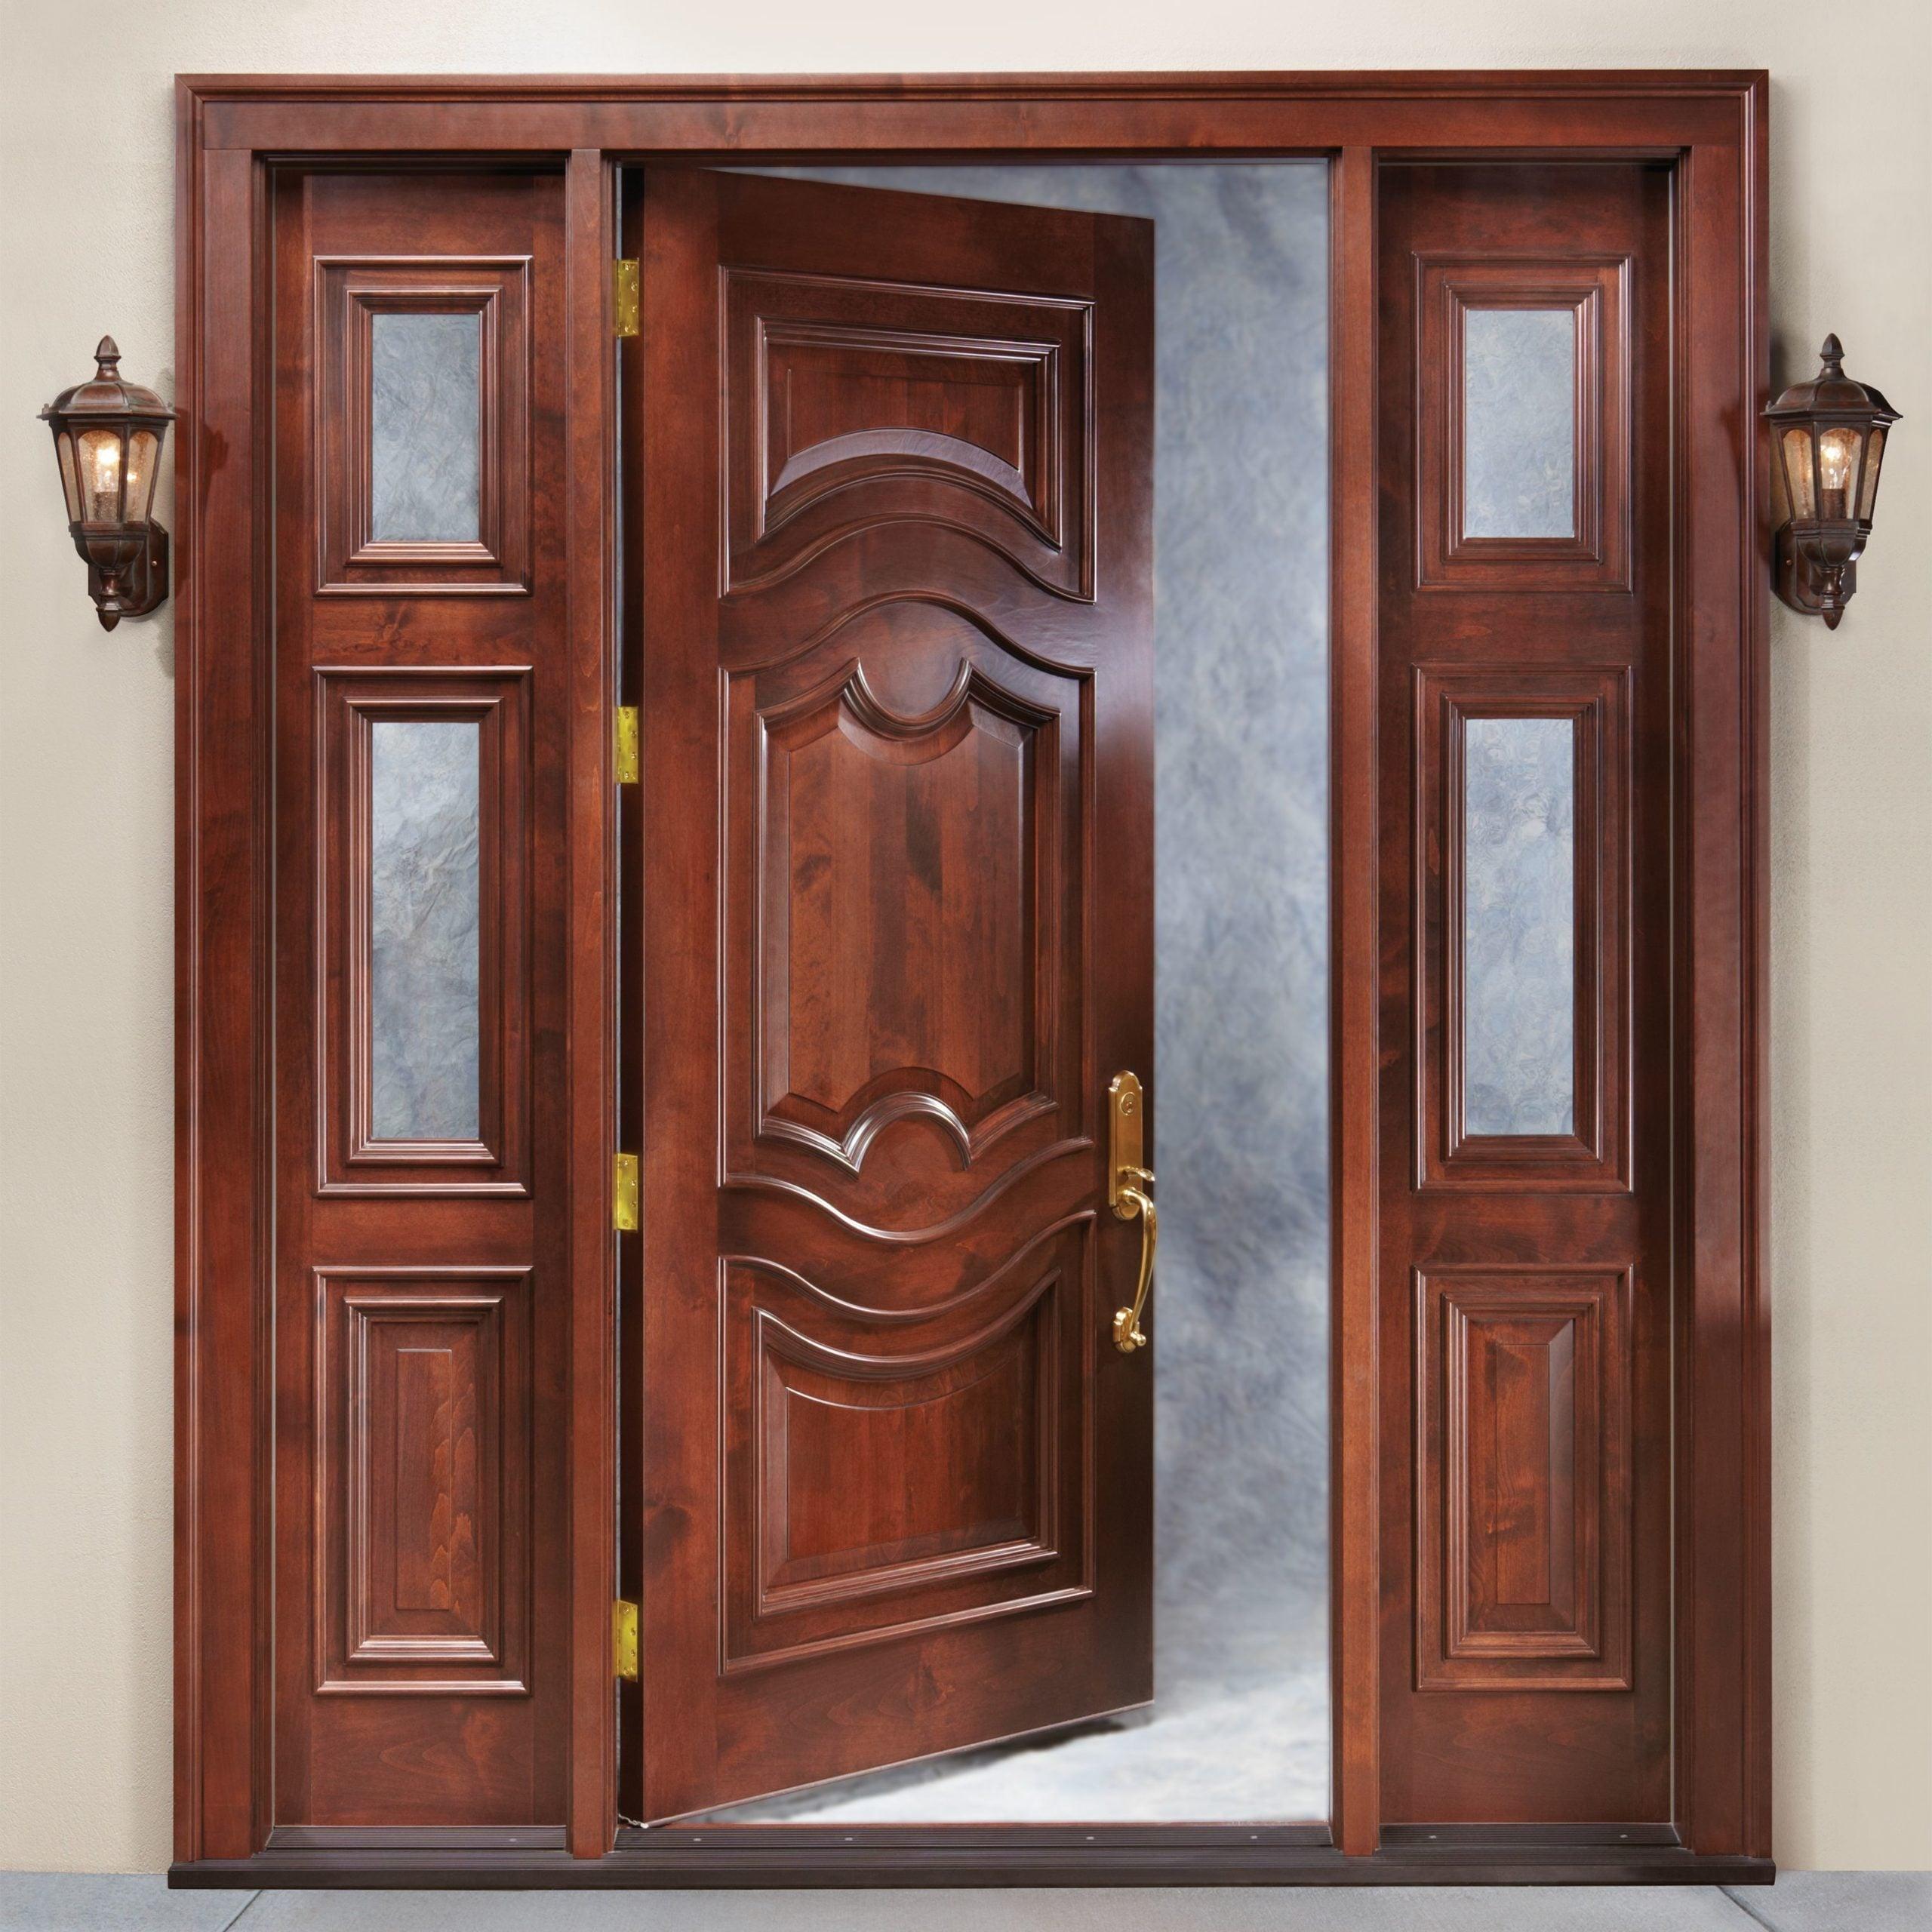 85 Ide Cantik Pintu Rumah Mewah Paling Populer di Dunia